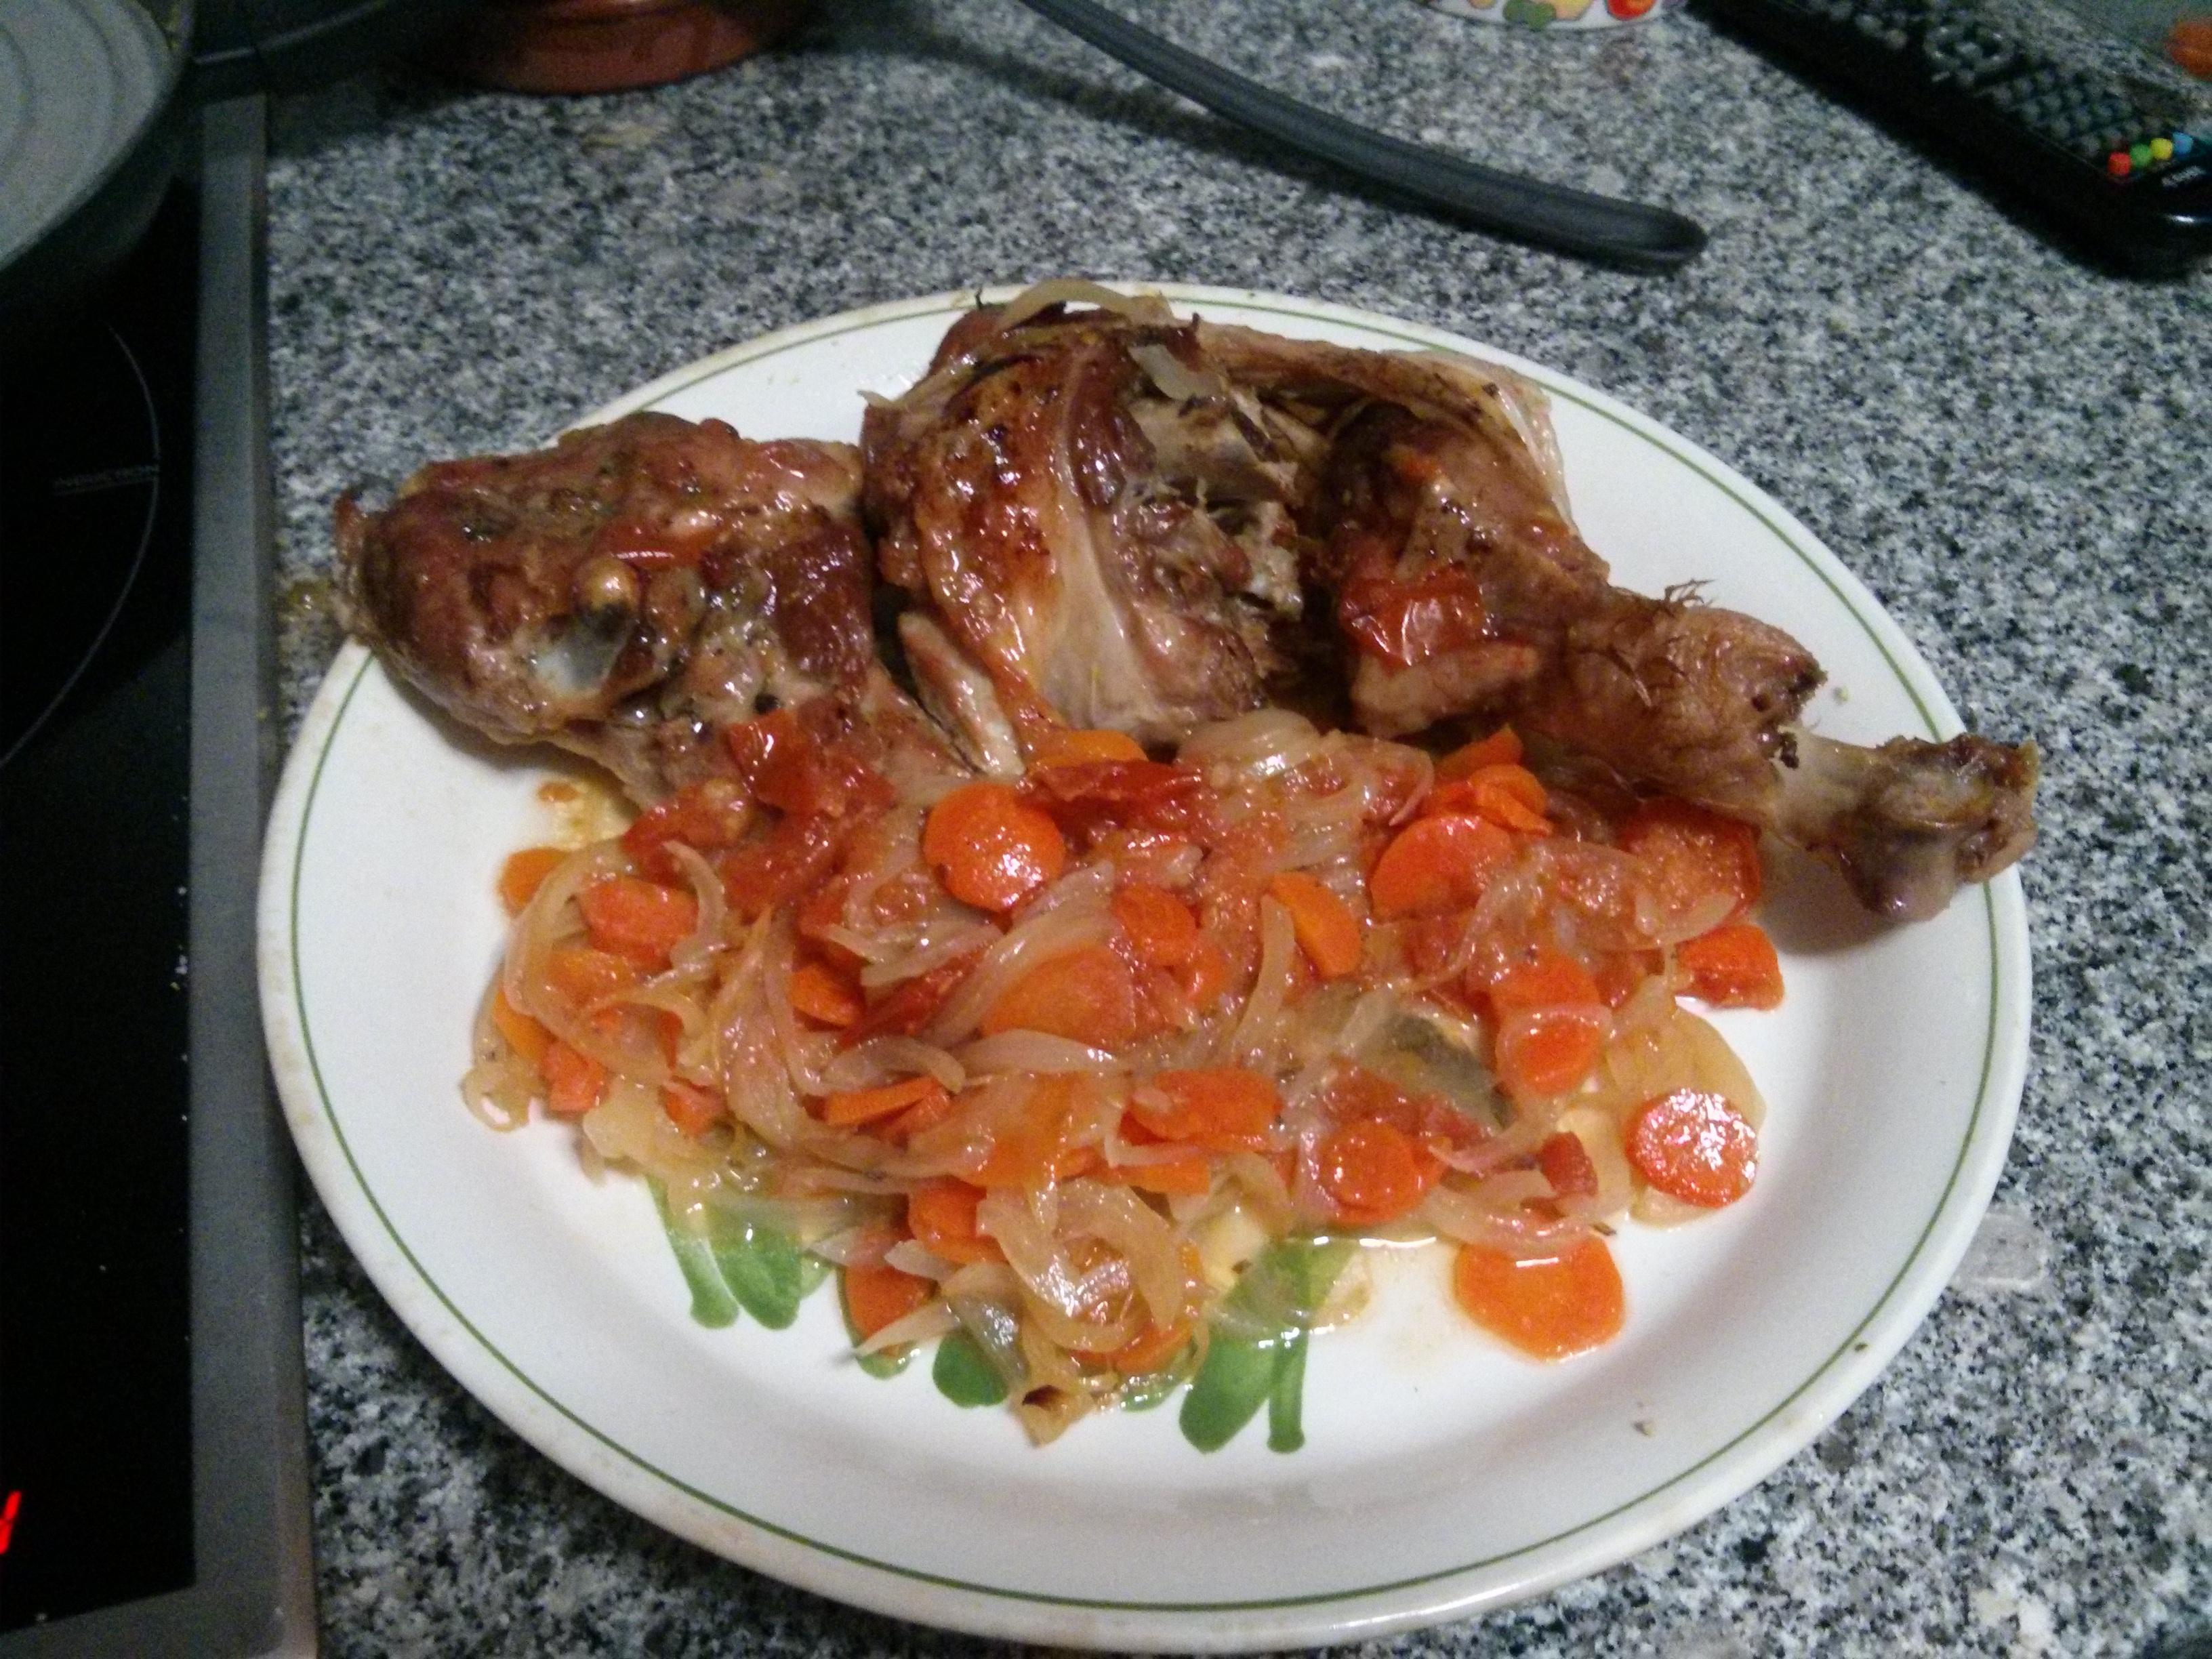 Patorra al horno con verduras